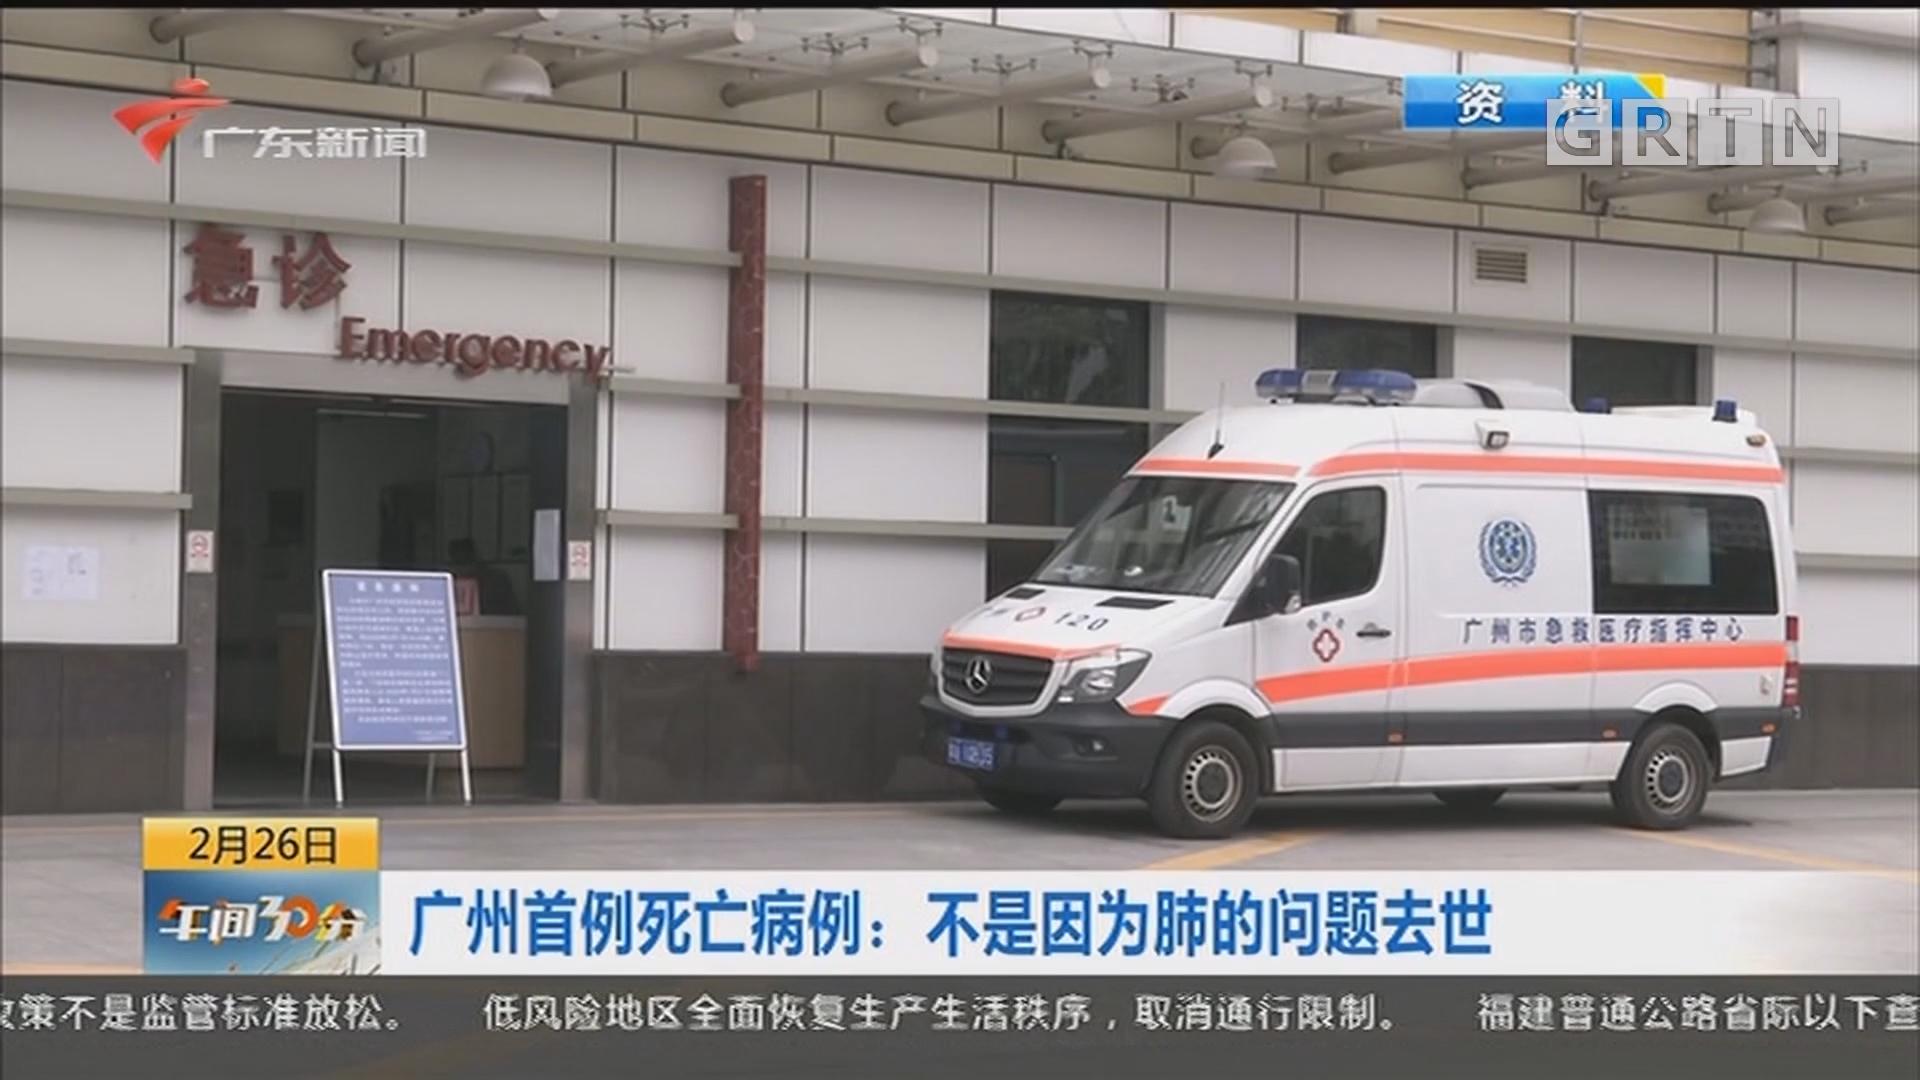 广州首例死亡病例:不是因为肺的问题去世